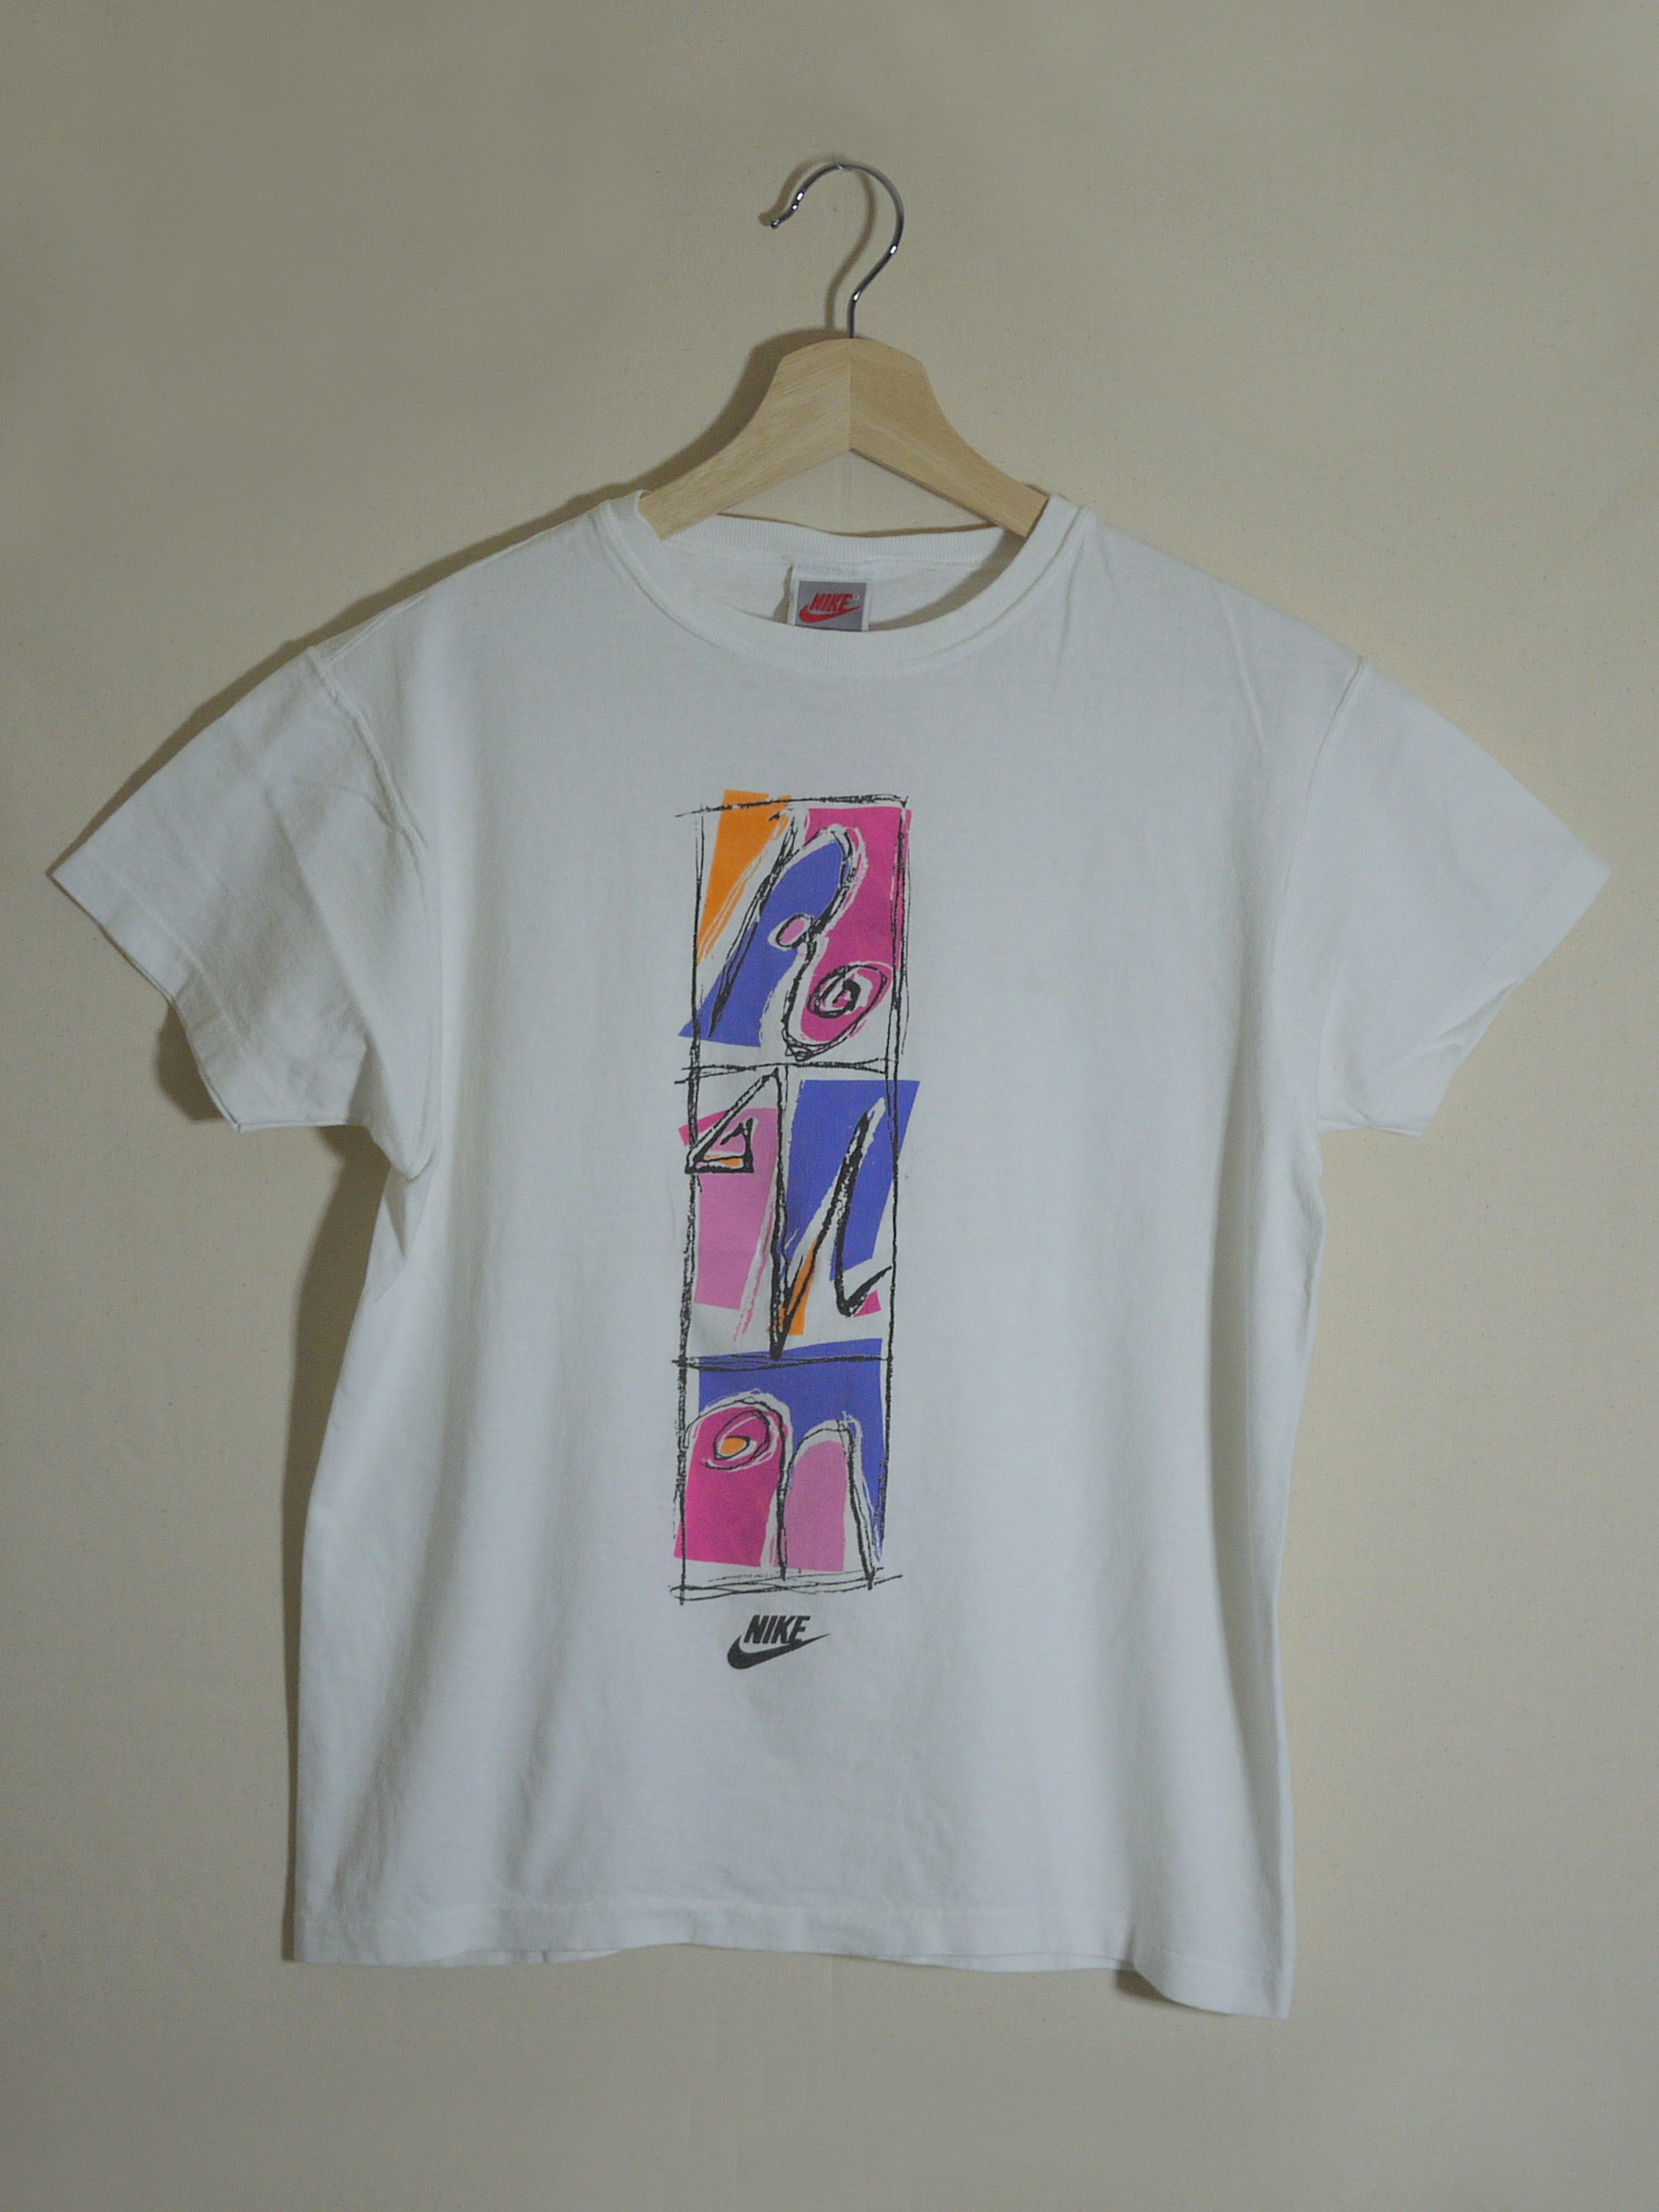 NIKE 1990's T-Shirts SizeS